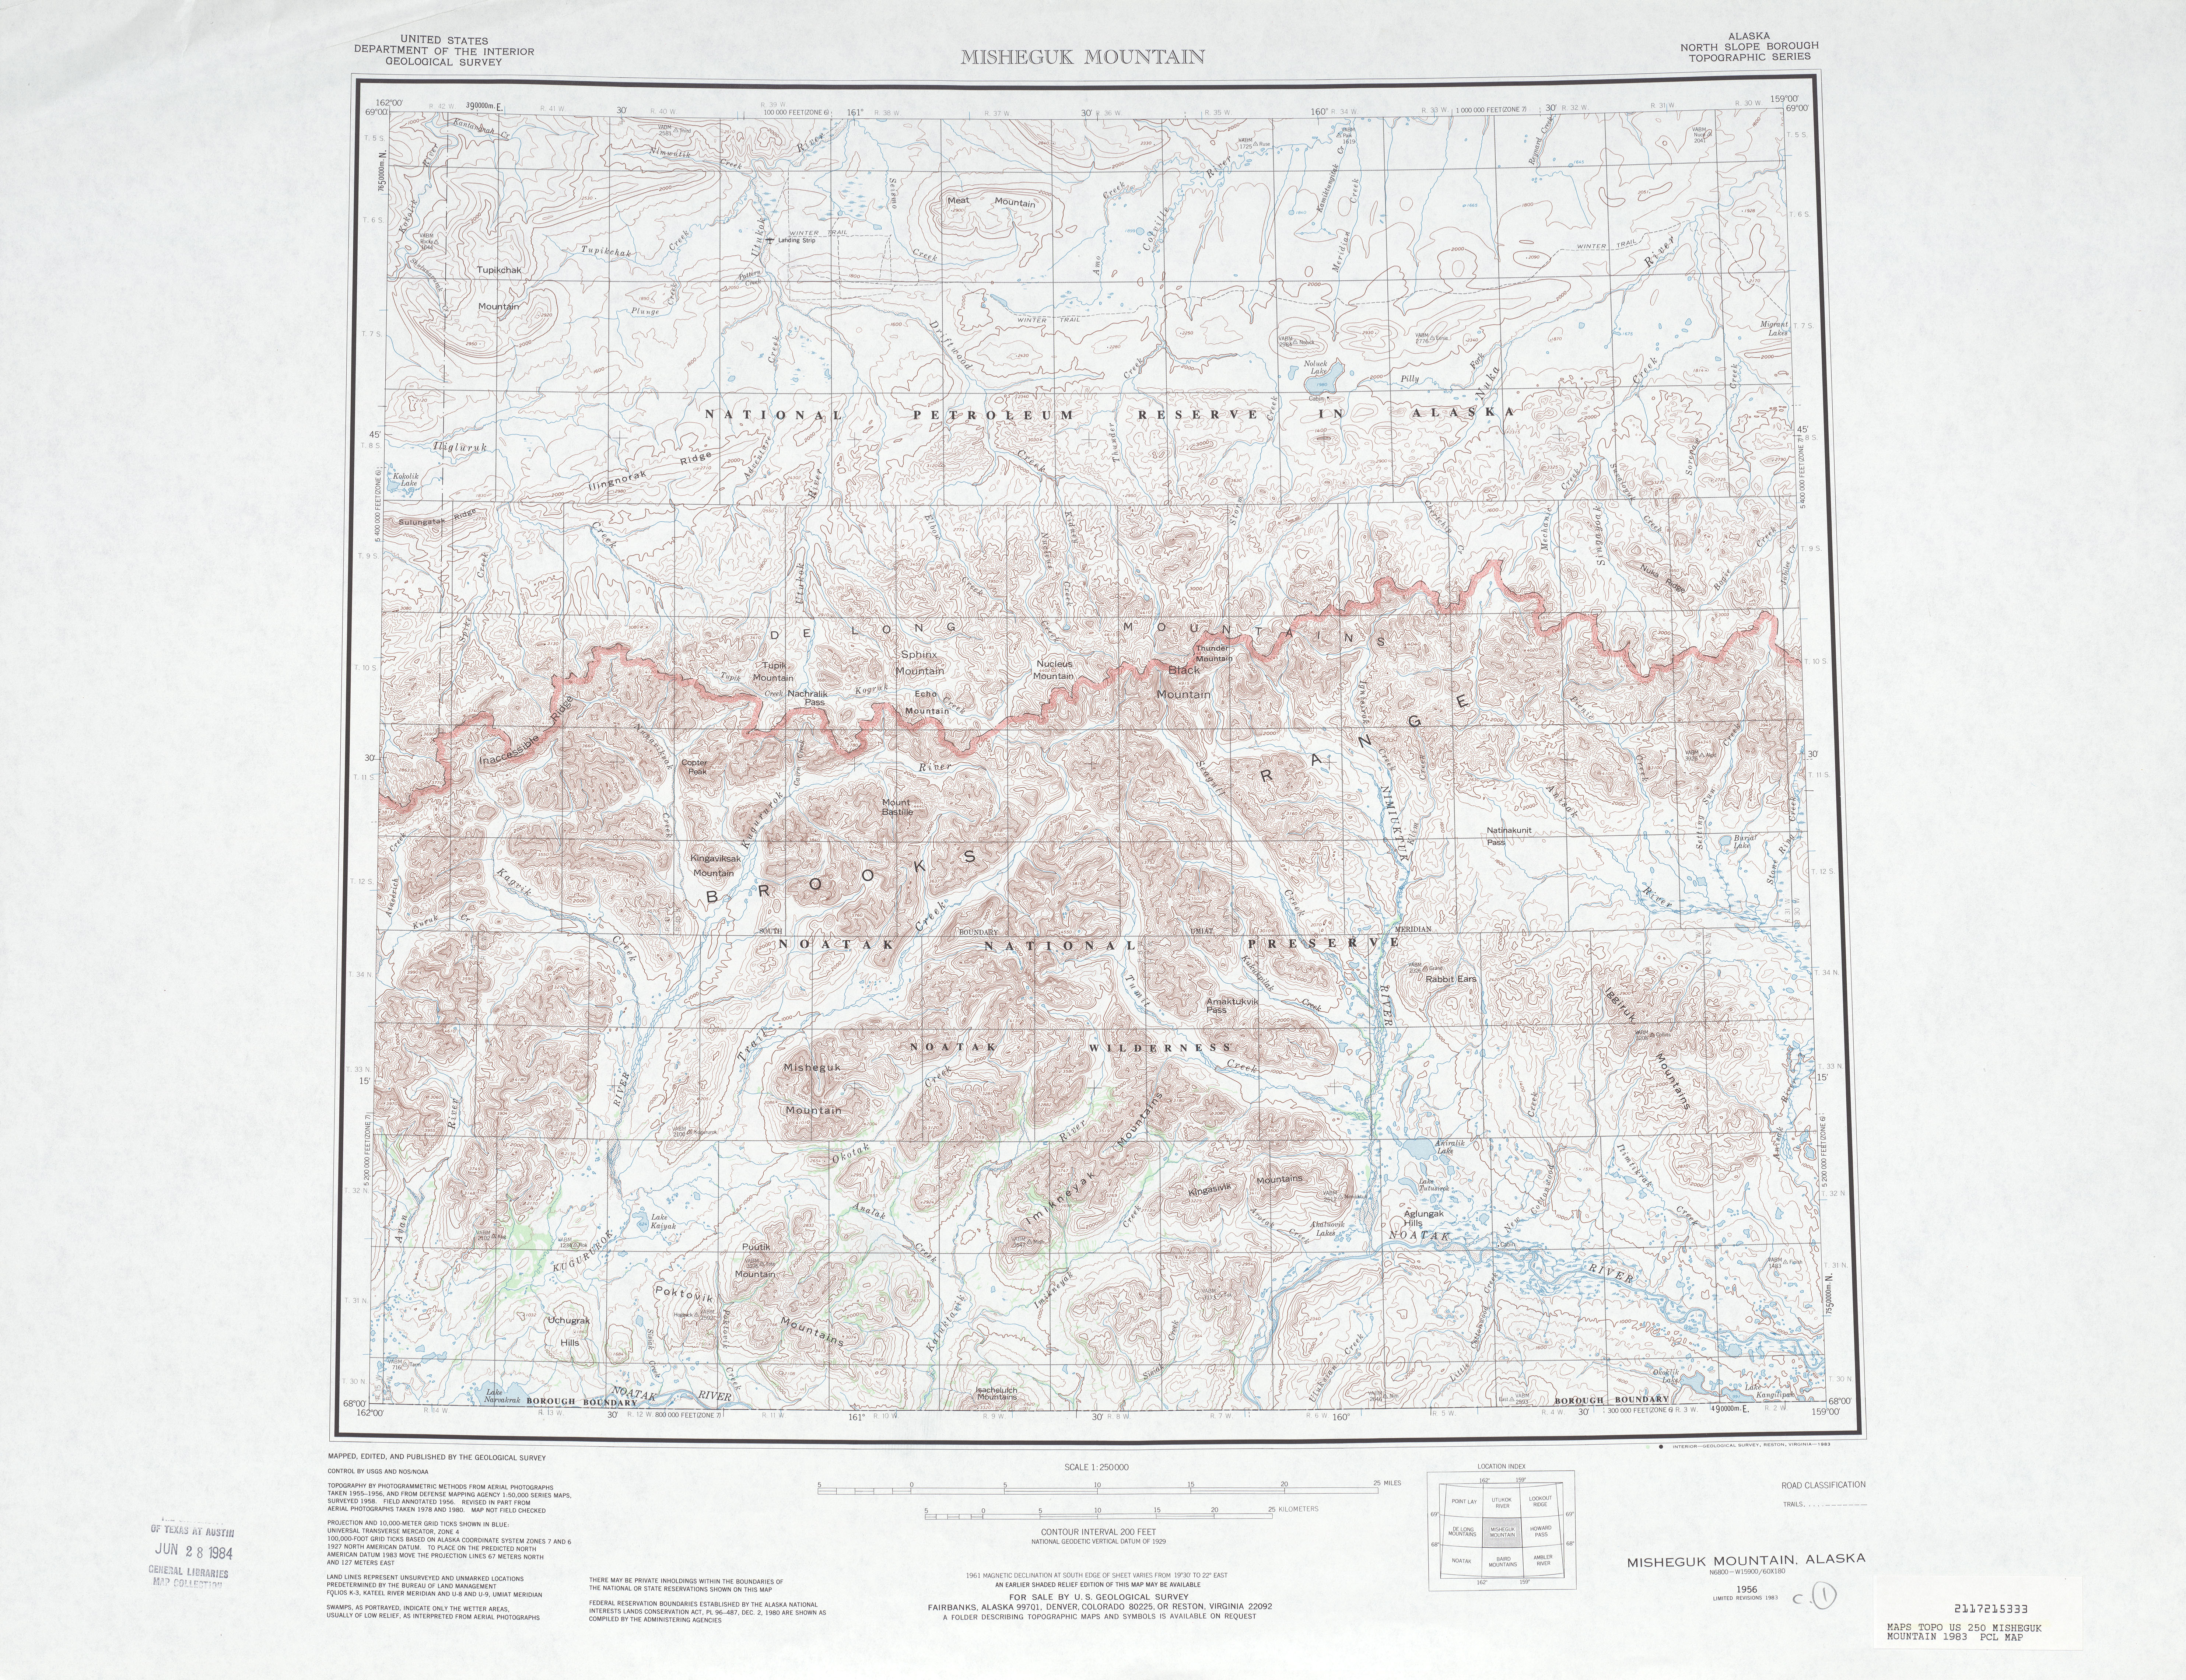 Hoja Misheguk Mountain del Mapa Topográfico de los Estados Unidos 1983